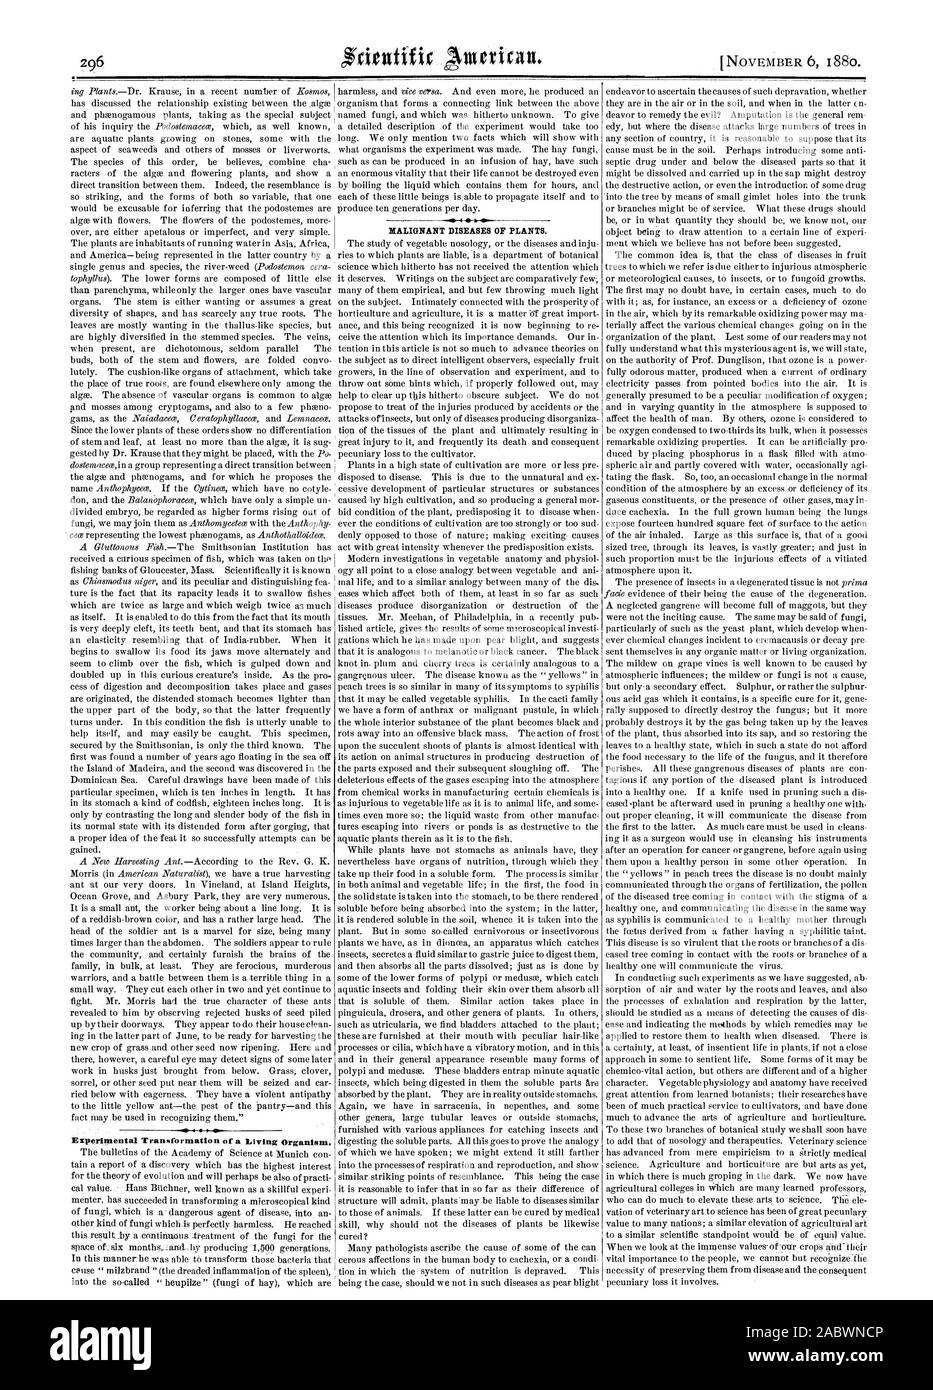 Transformación experimental de un organismo vivo. Enfermedades malignas de las plantas., Scientific American, 1880-11-06 Foto de stock